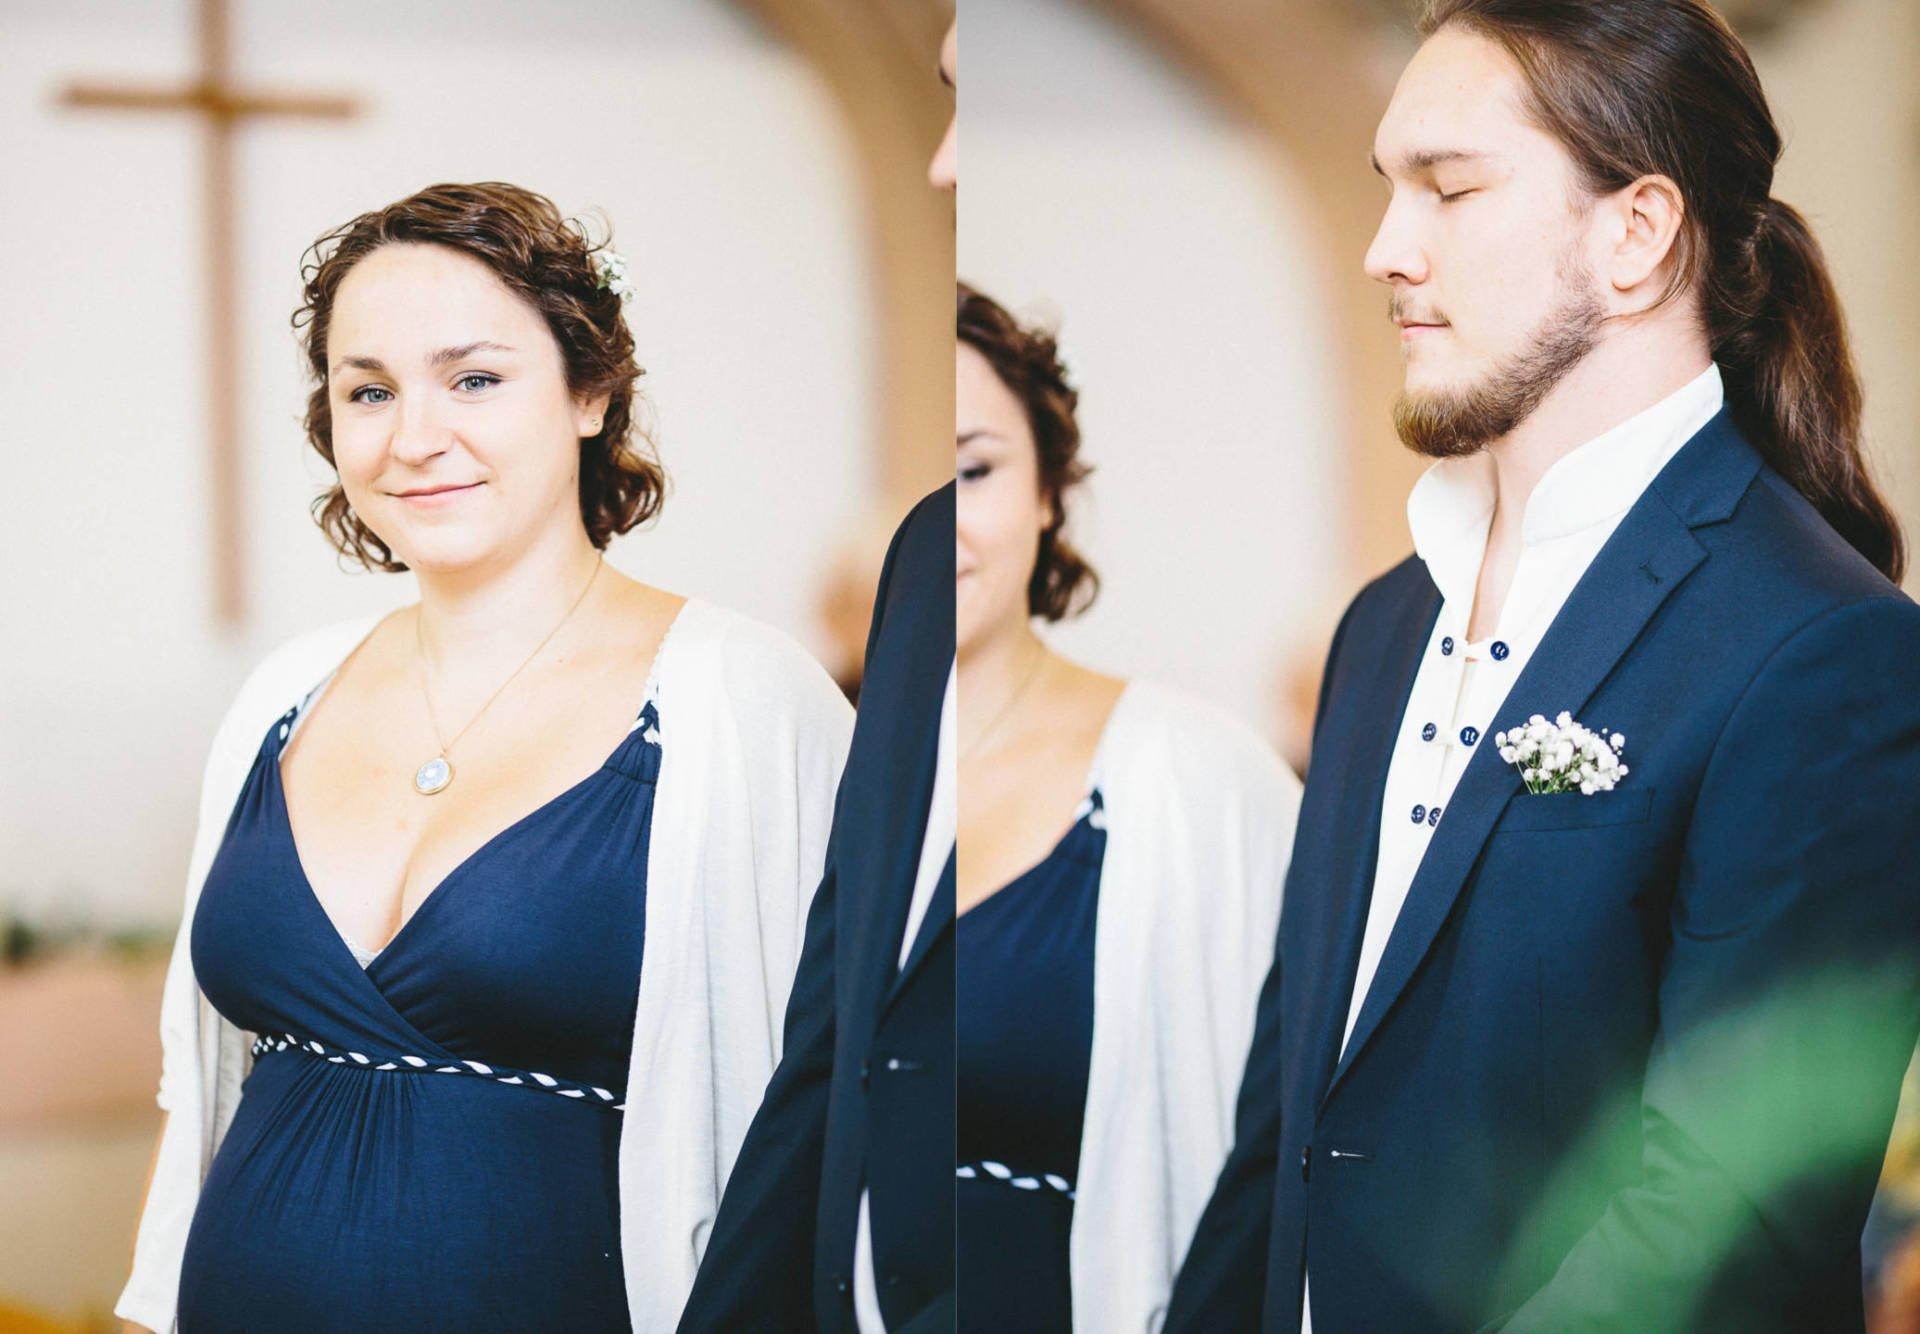 Hochzeitsreportage | Hochzeit in Kreuzgewölbe Schöngleina | 9